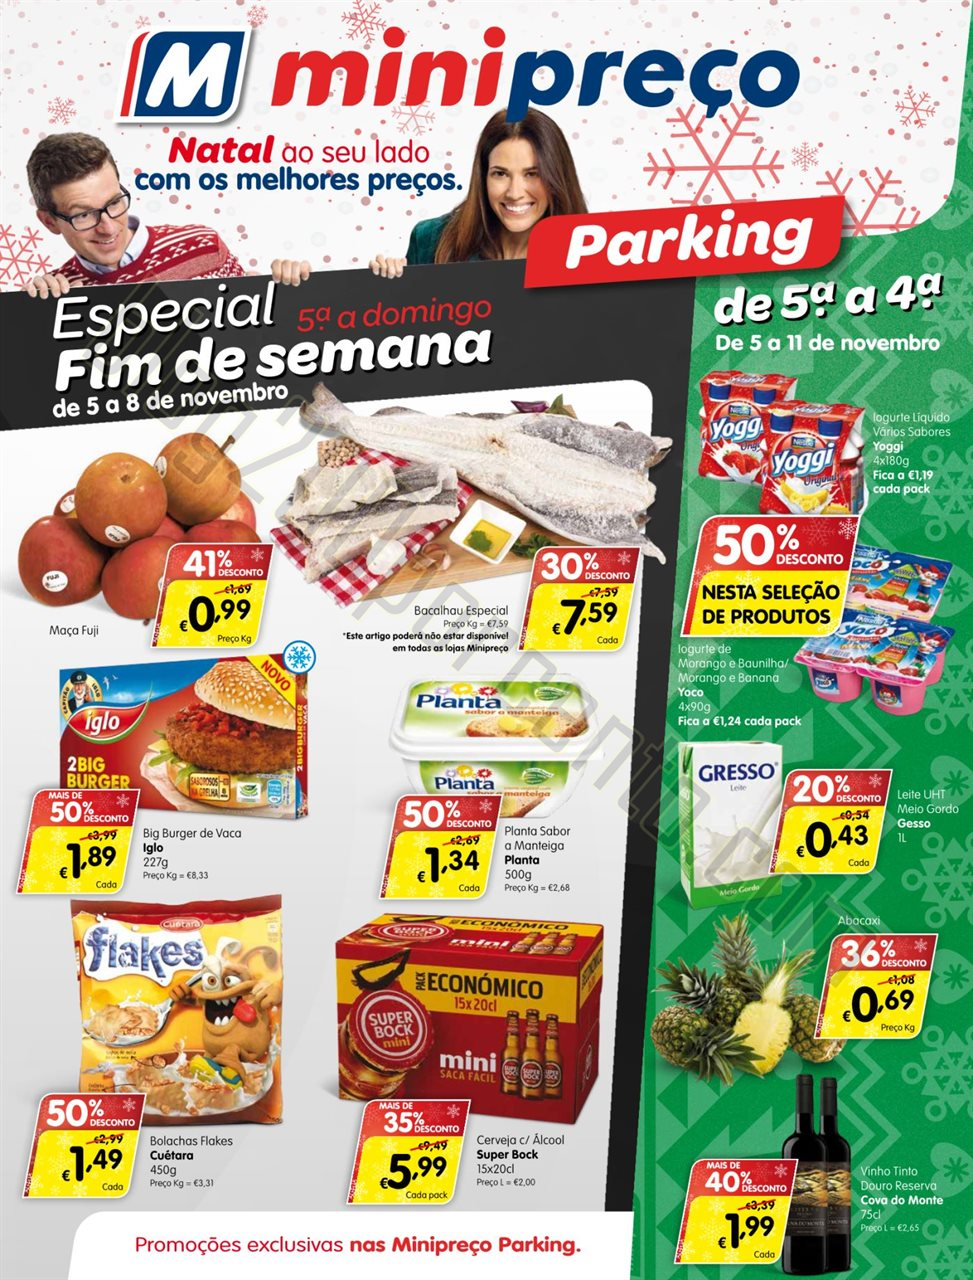 Antevisão folheto MINIPREÇO Parking promoções